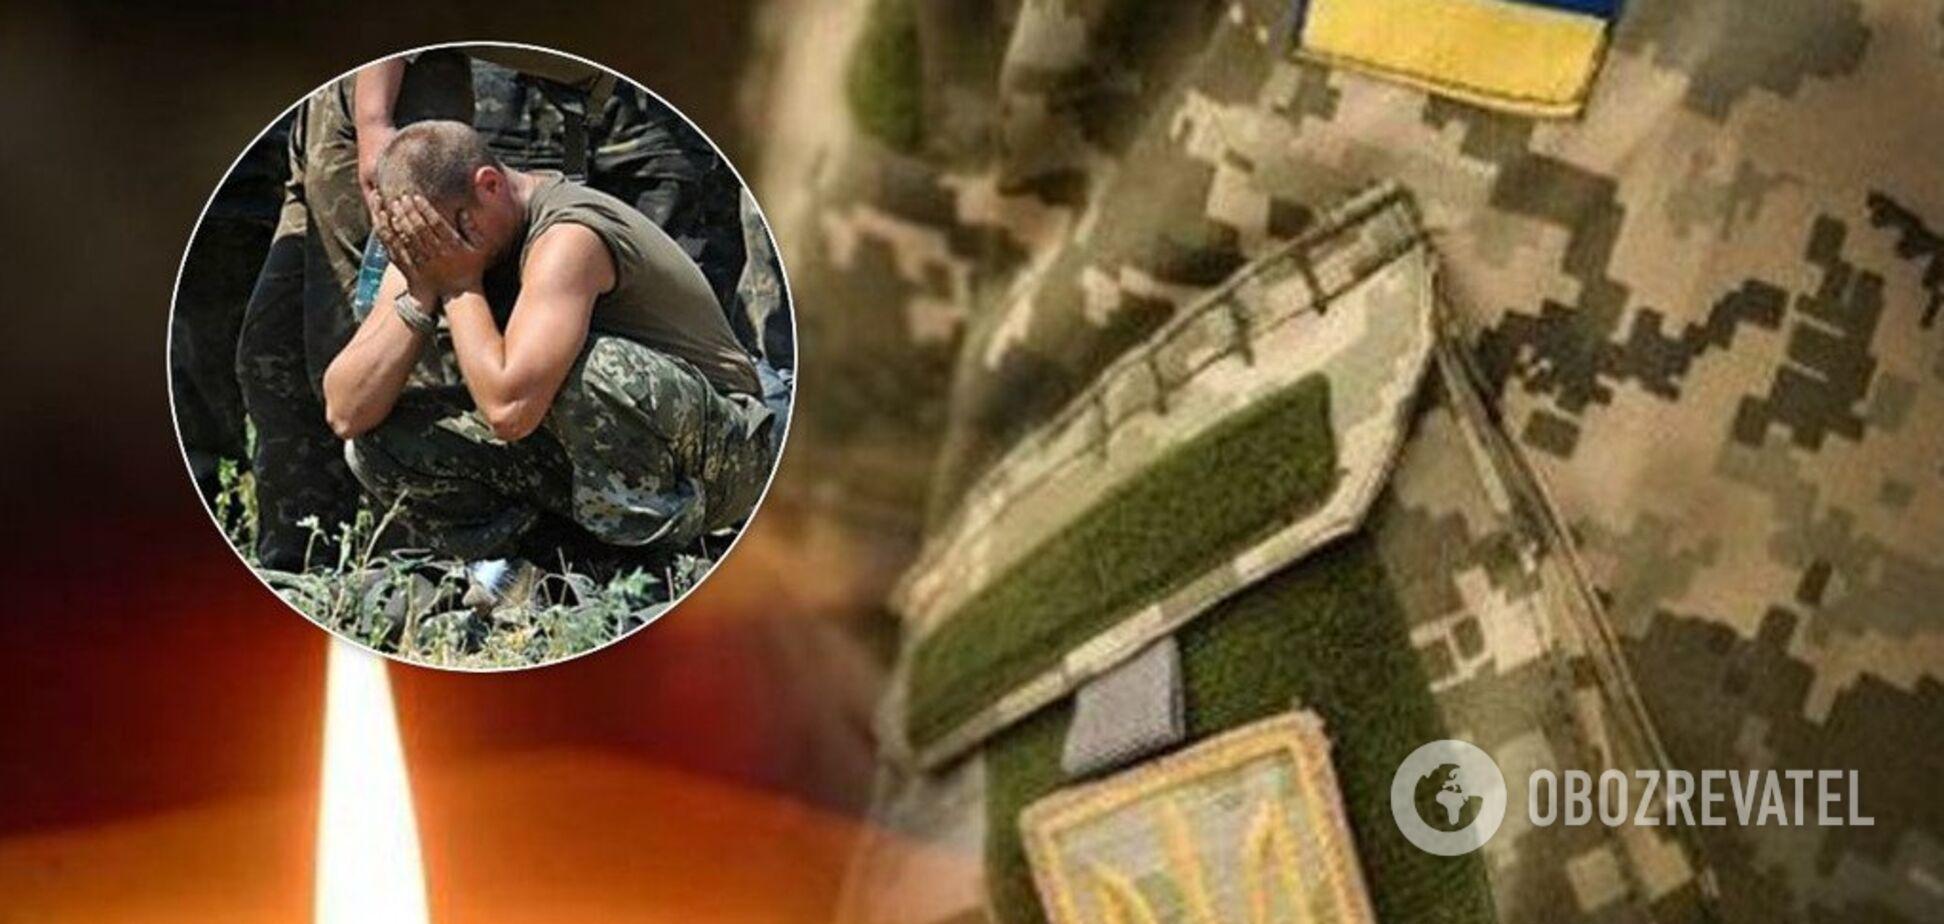 Війна за незалежність: Україна втратила ще одного Героя на Донбасі